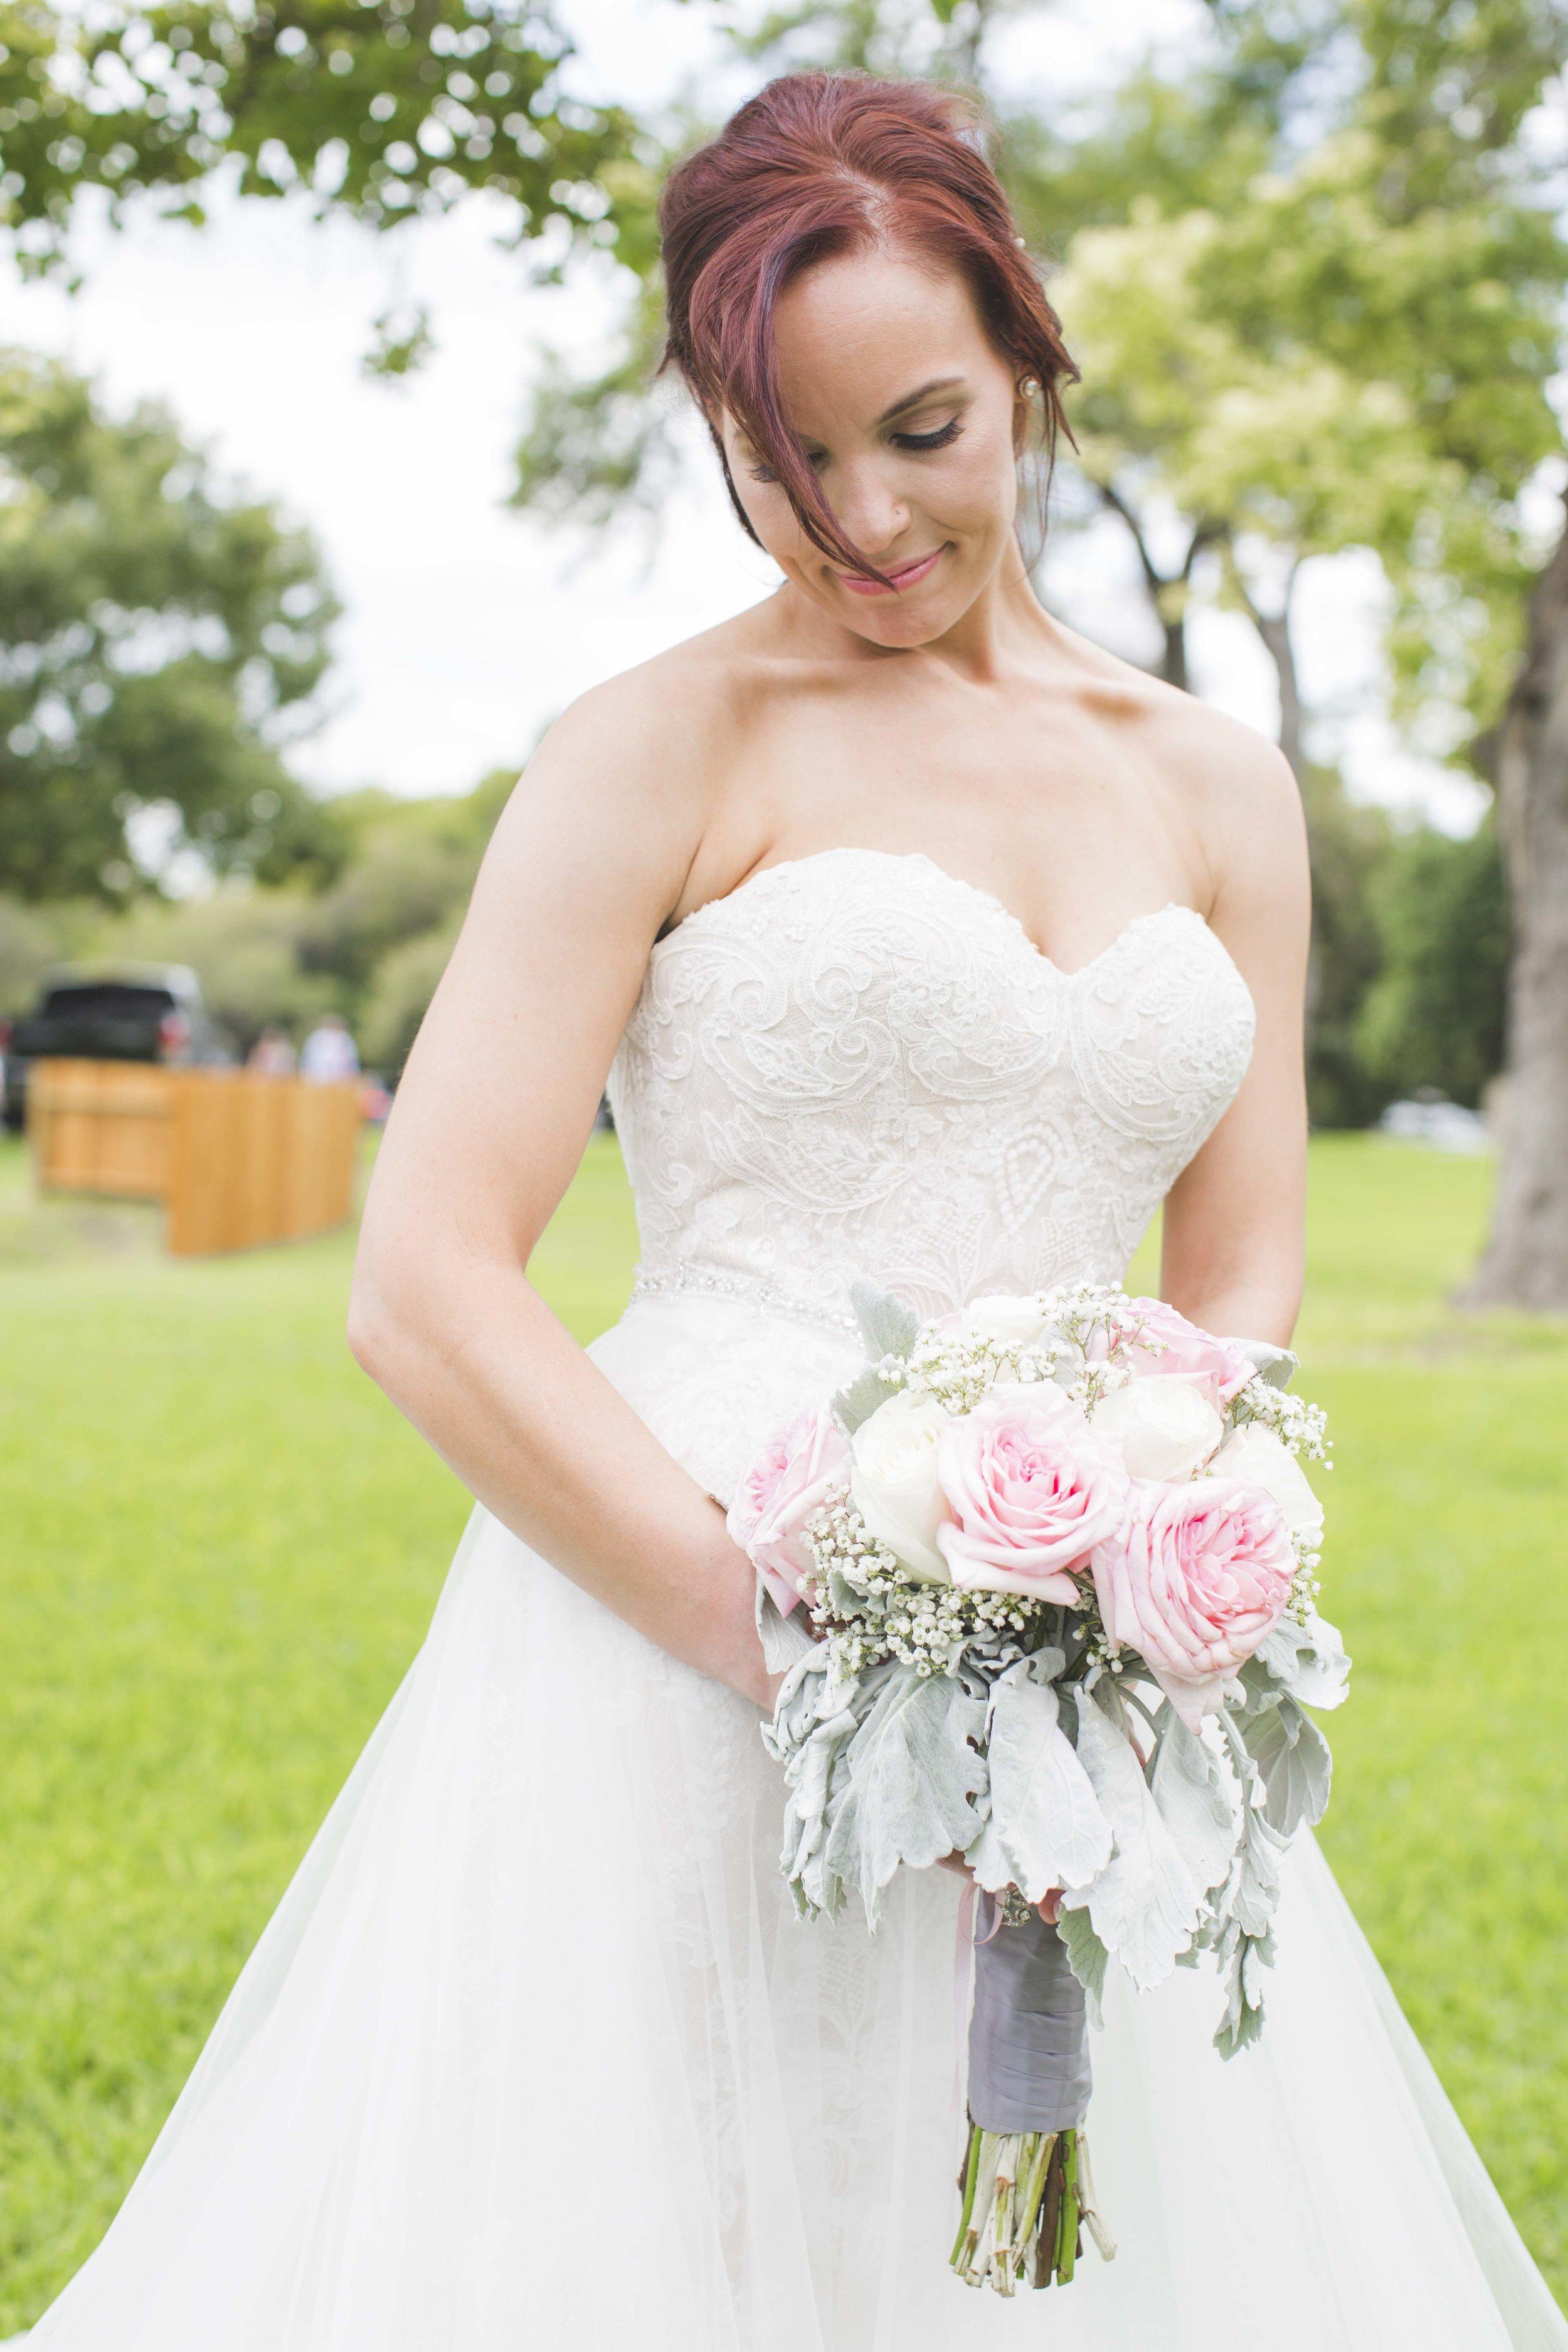 ATGI_Susanna & Matt Wedding_717A8411.jpg